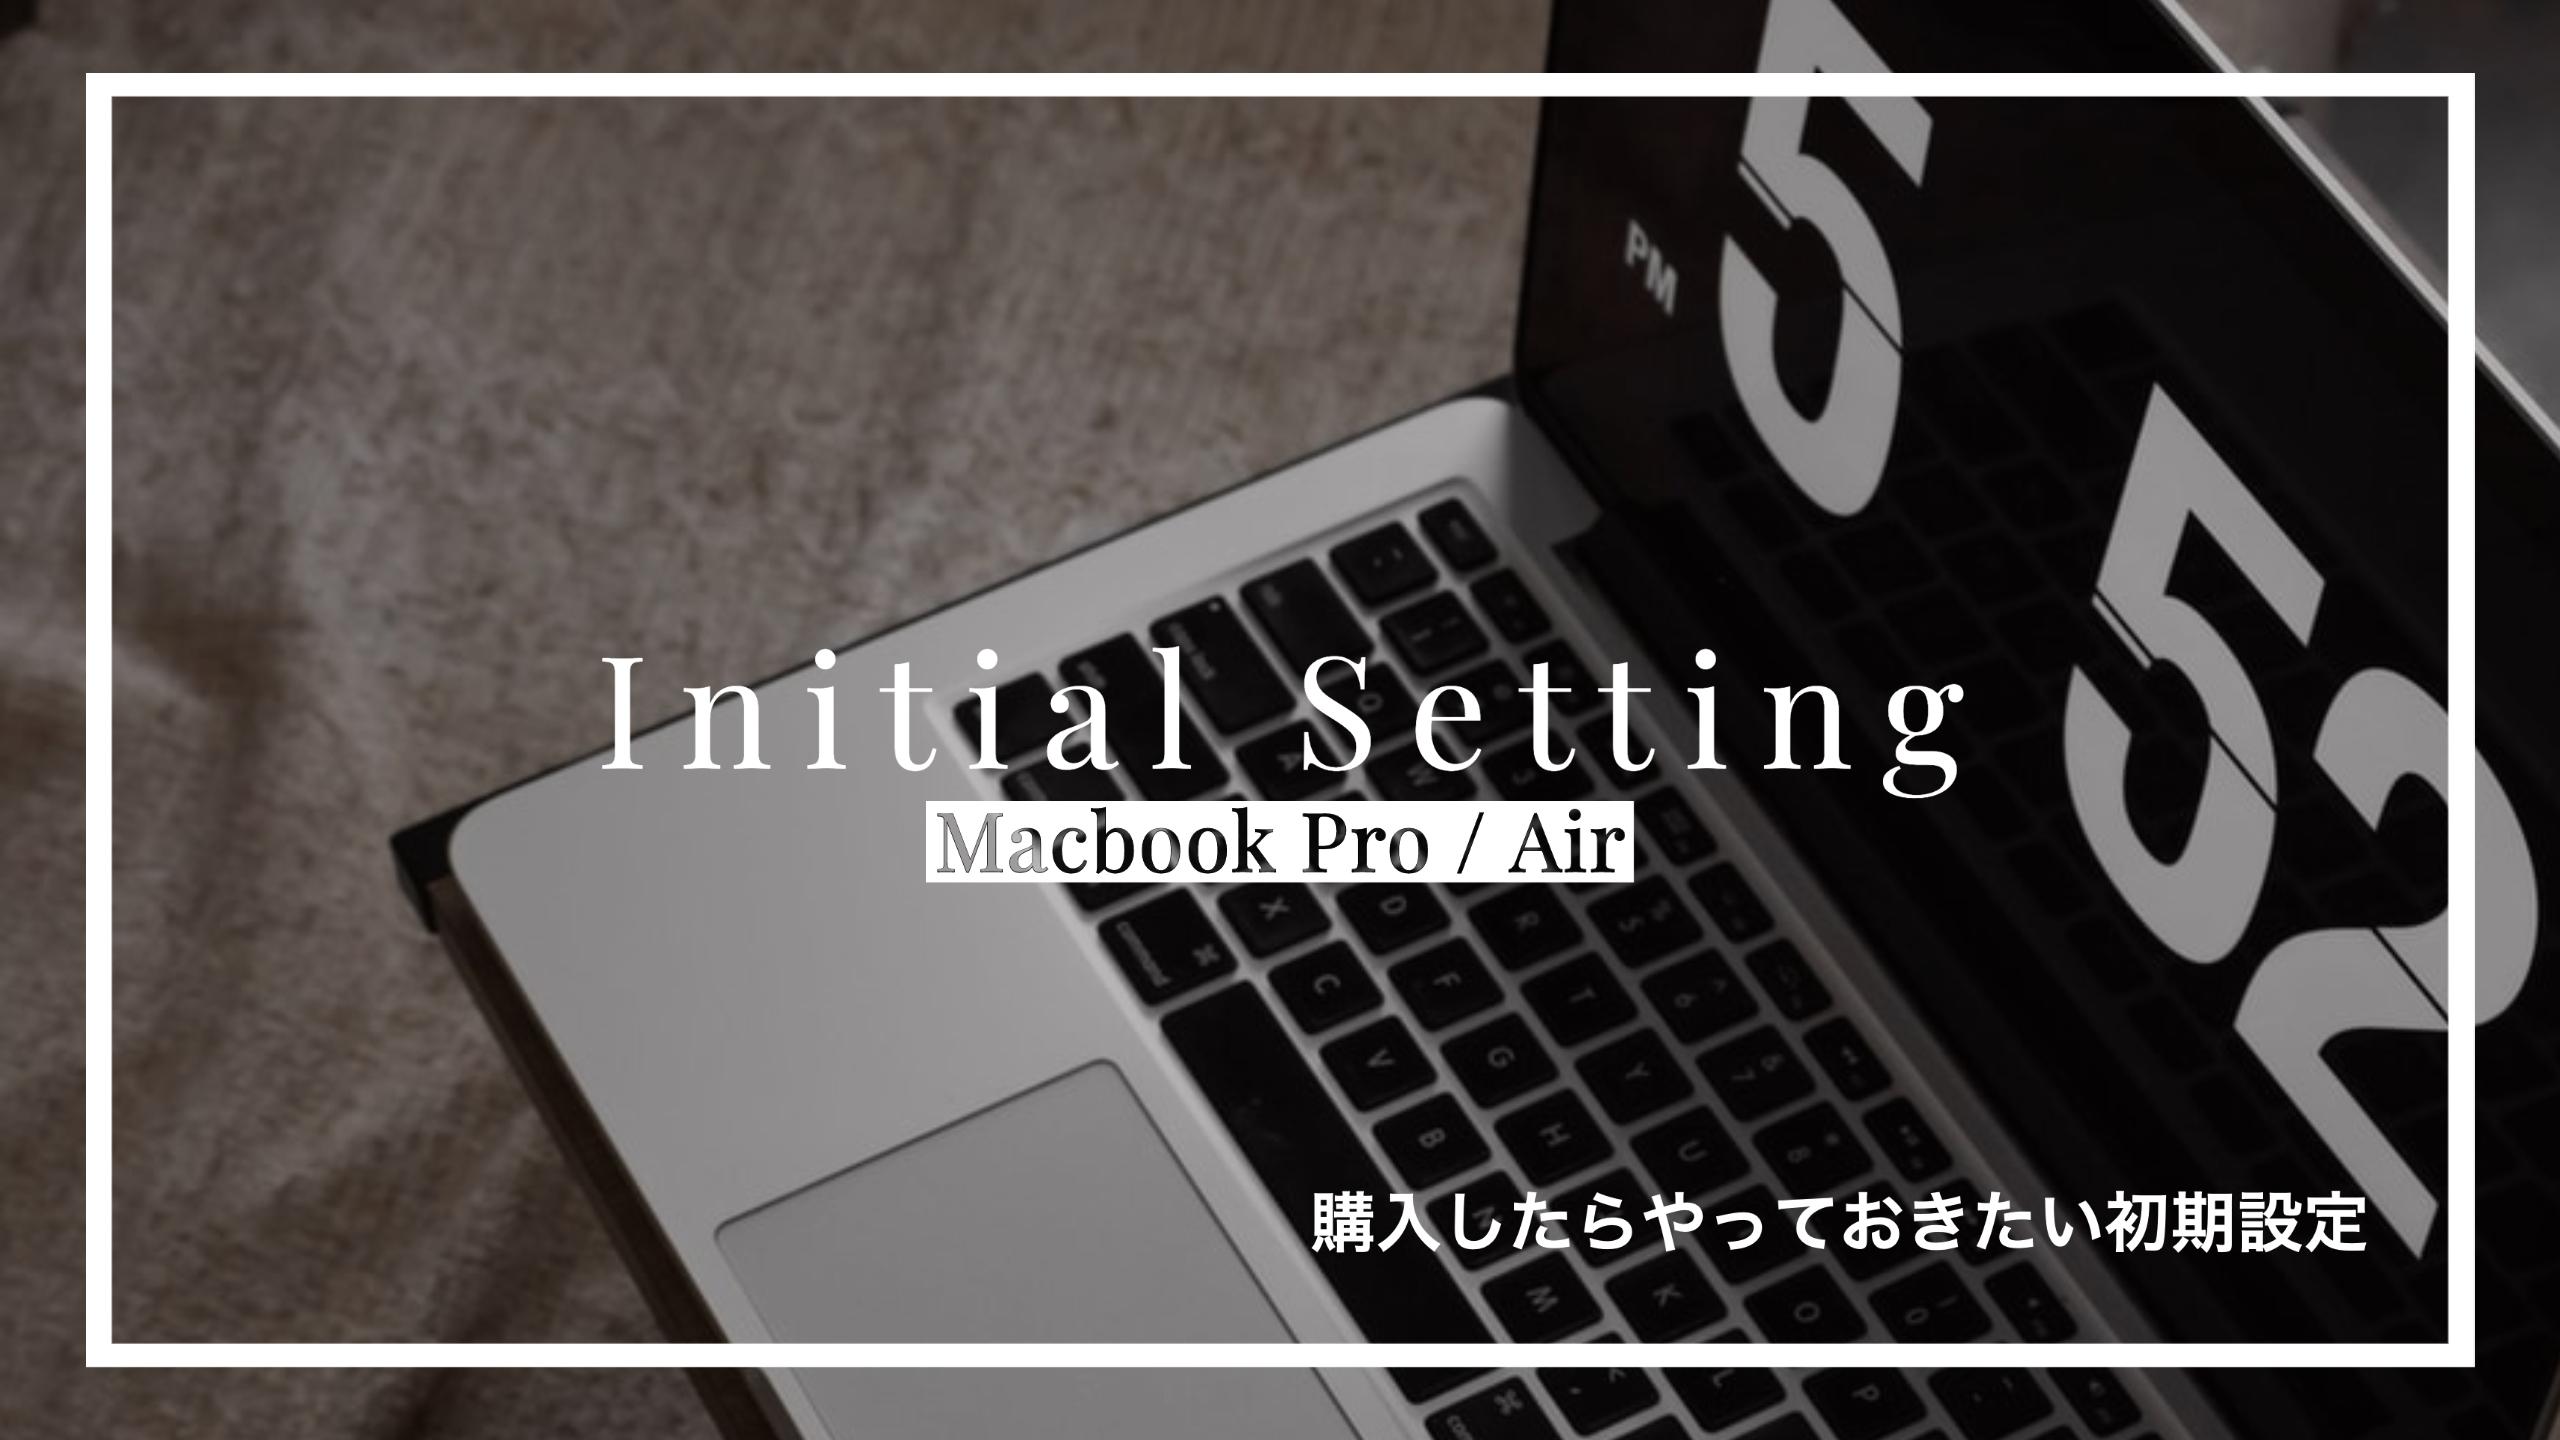 【初心者向け】MacBook Pro/Airのおすすめ初期設定【買ったらやっておきたい下準備】